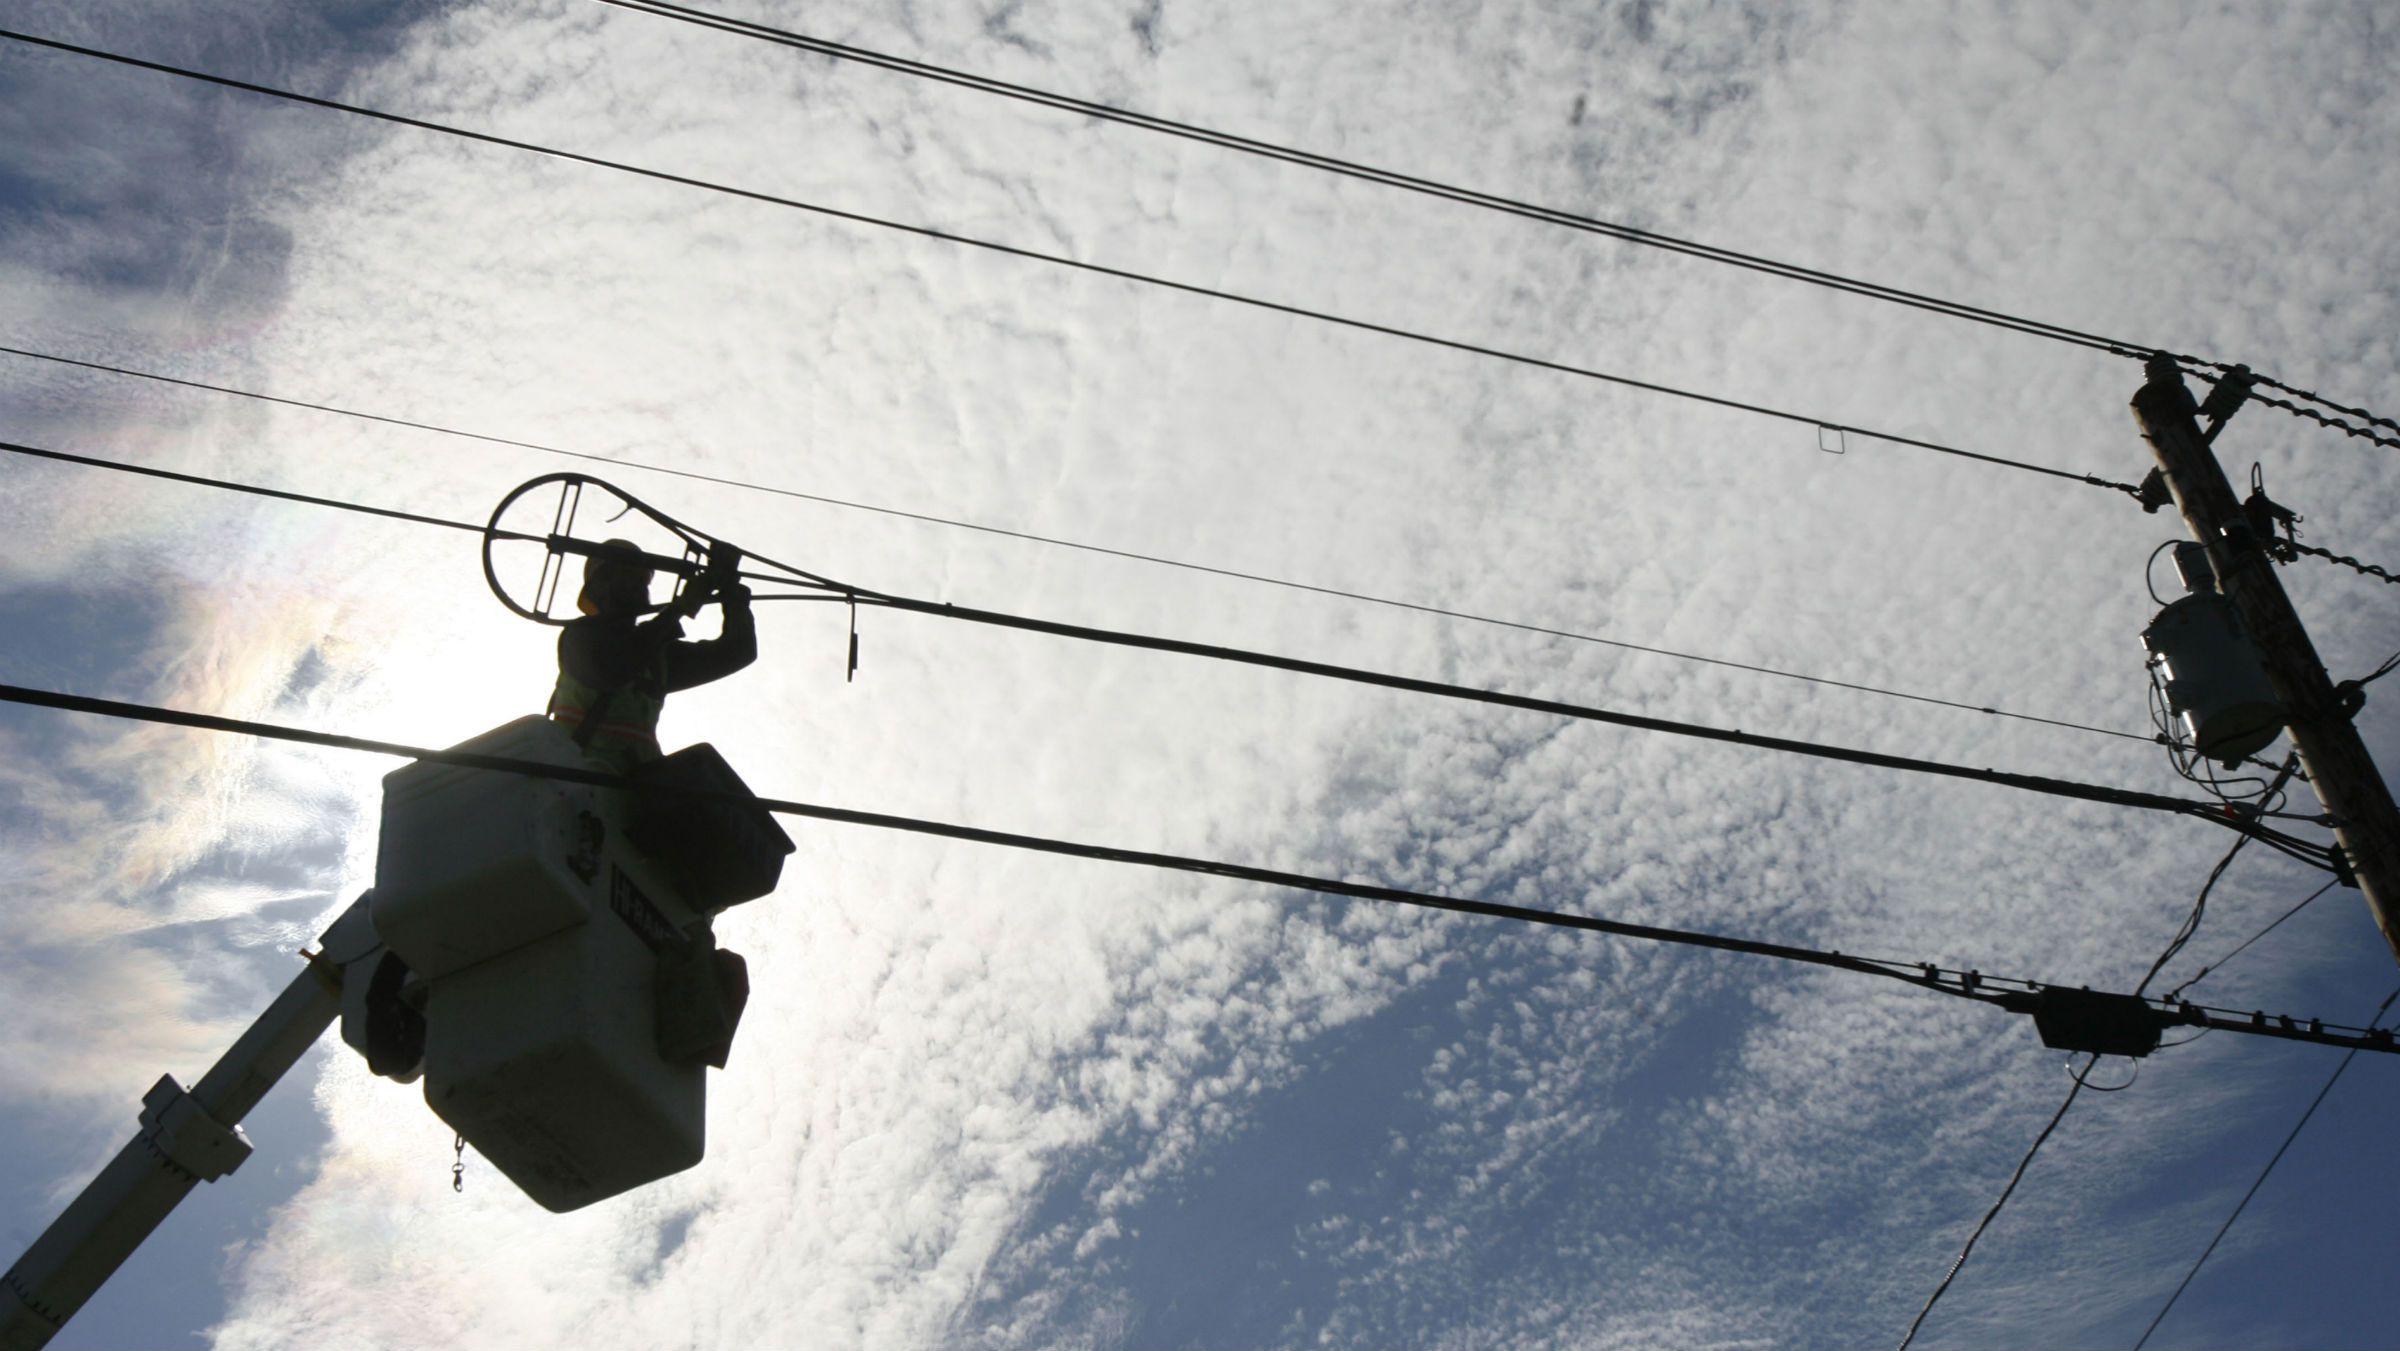 Internet wires